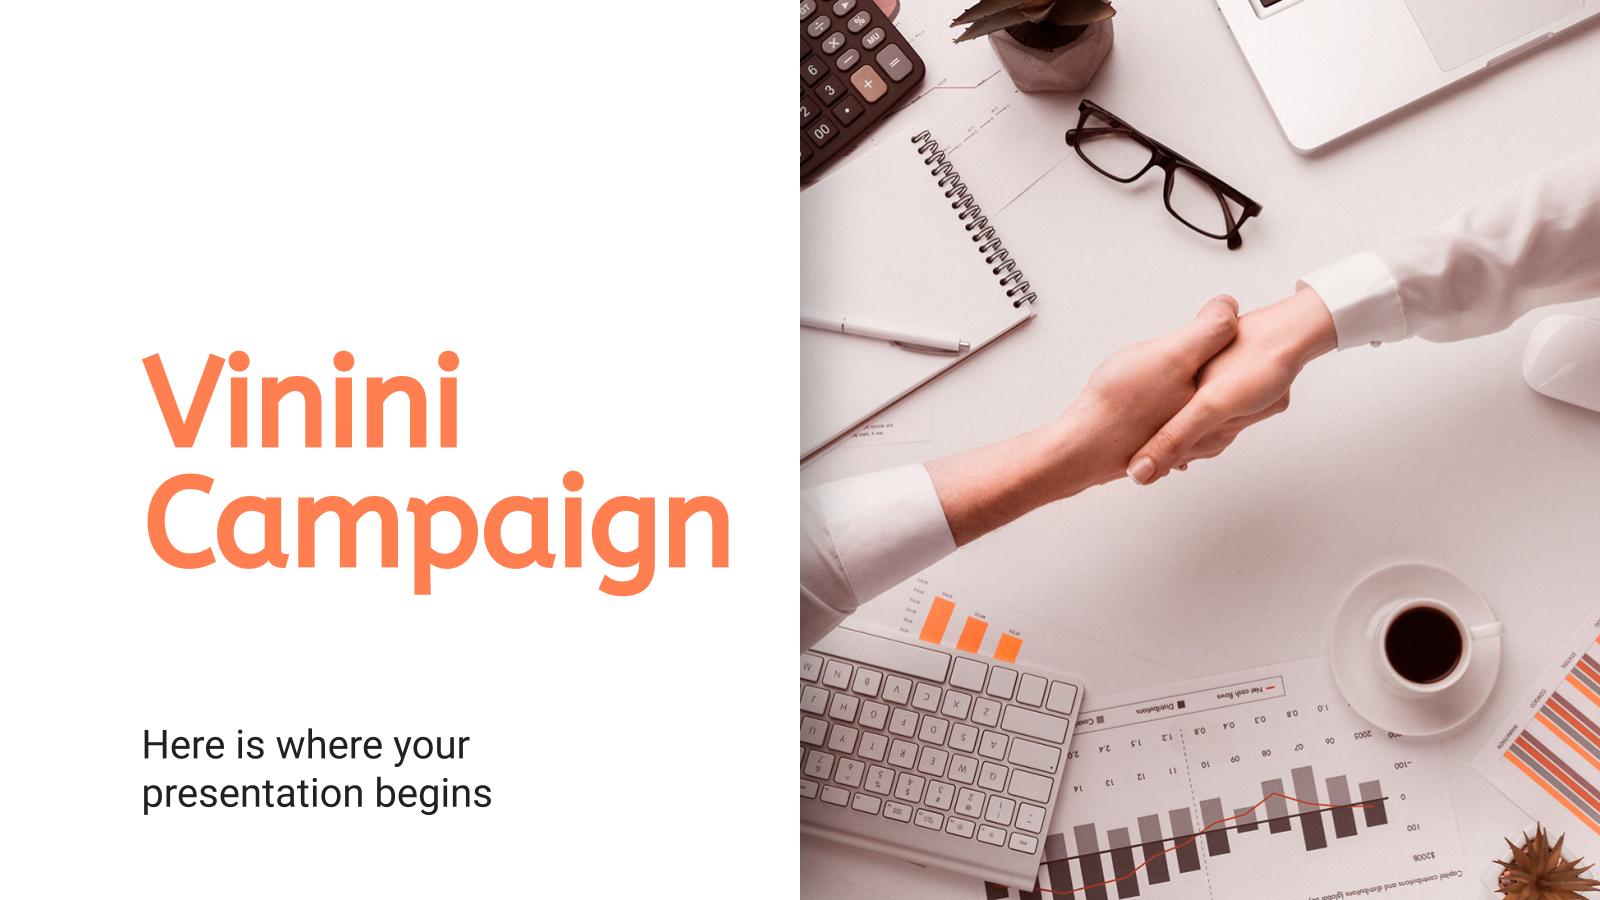 Campagne Vinini : Modèles de présentation